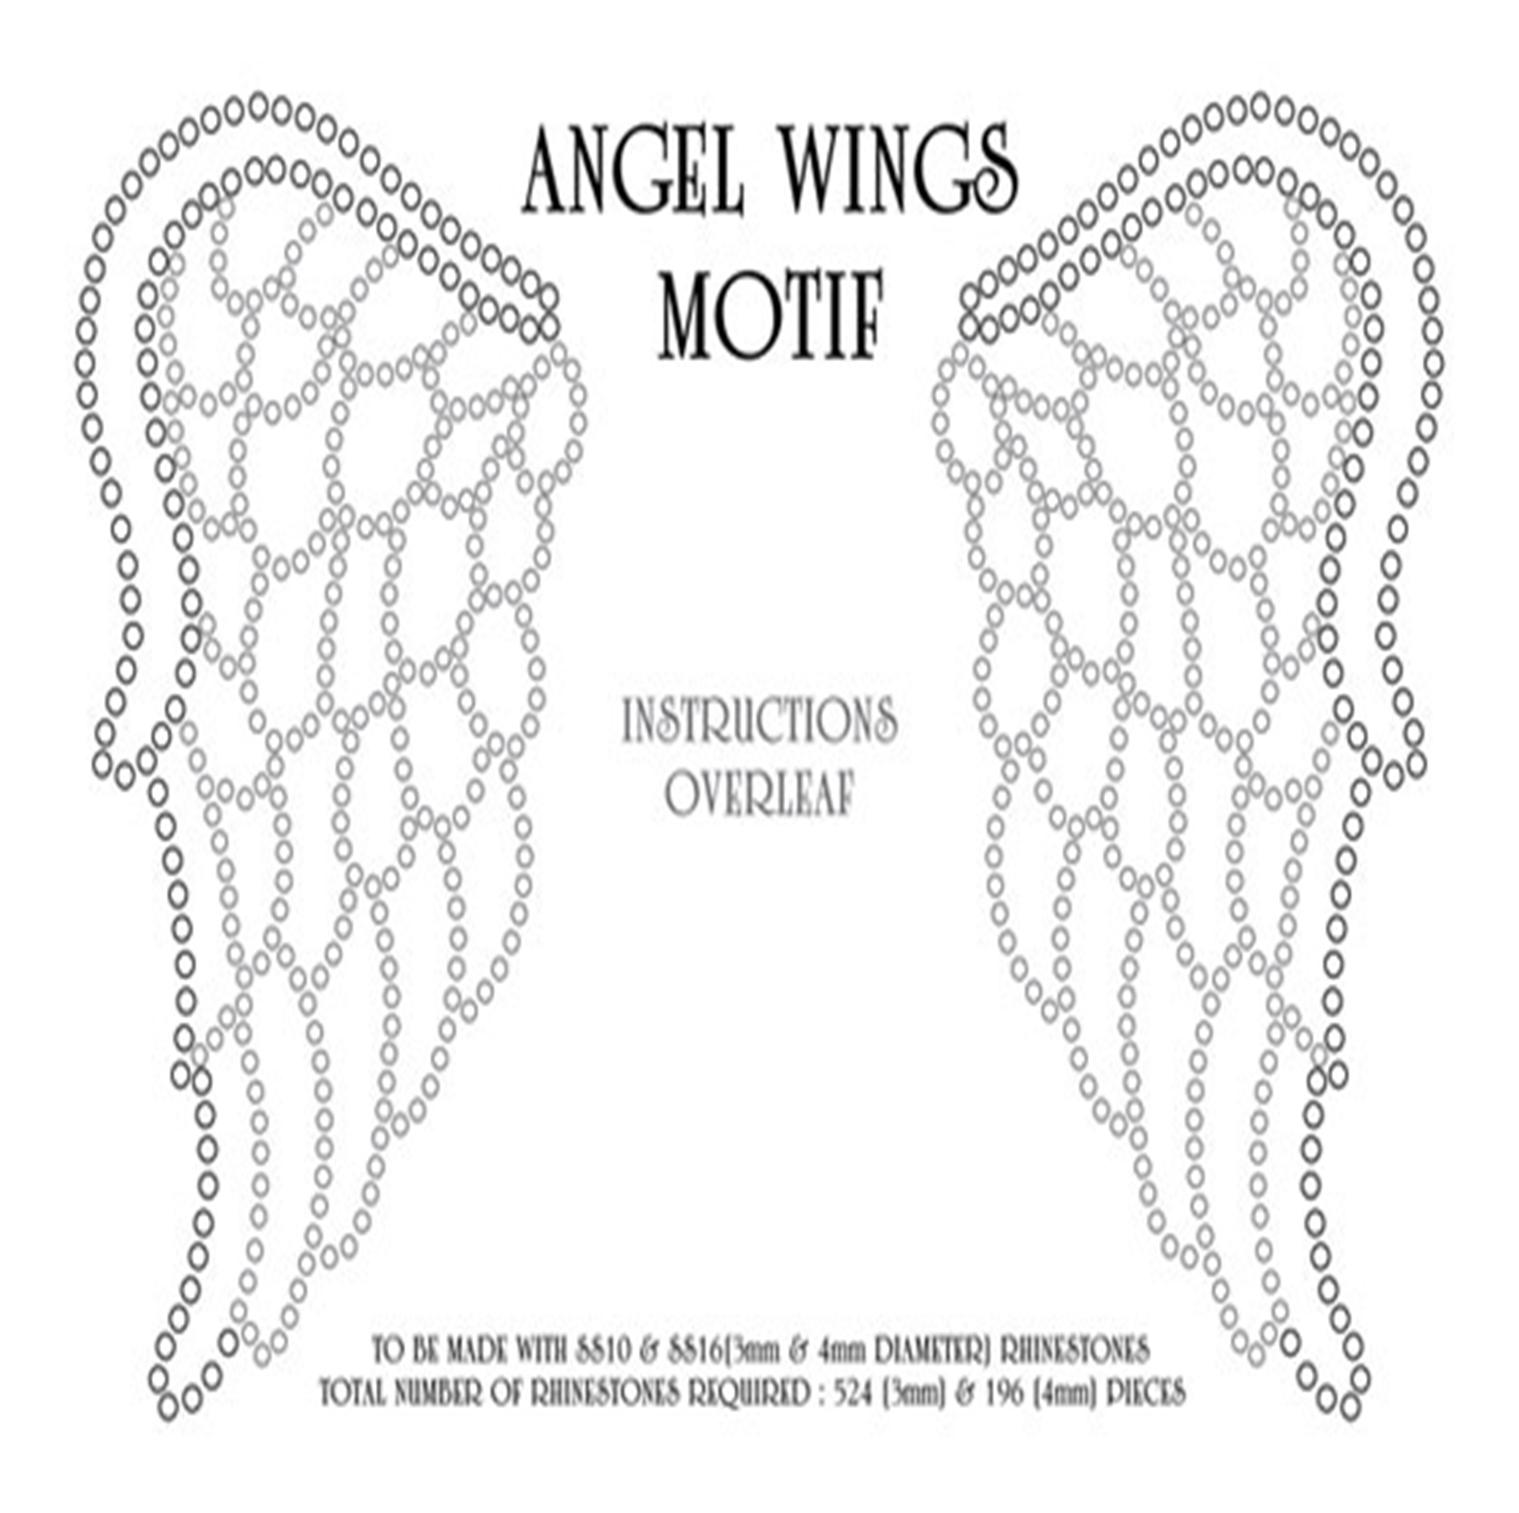 Angel Wings Coloring Pages   Publicado por Vanessa Murillo en 12:02 ...